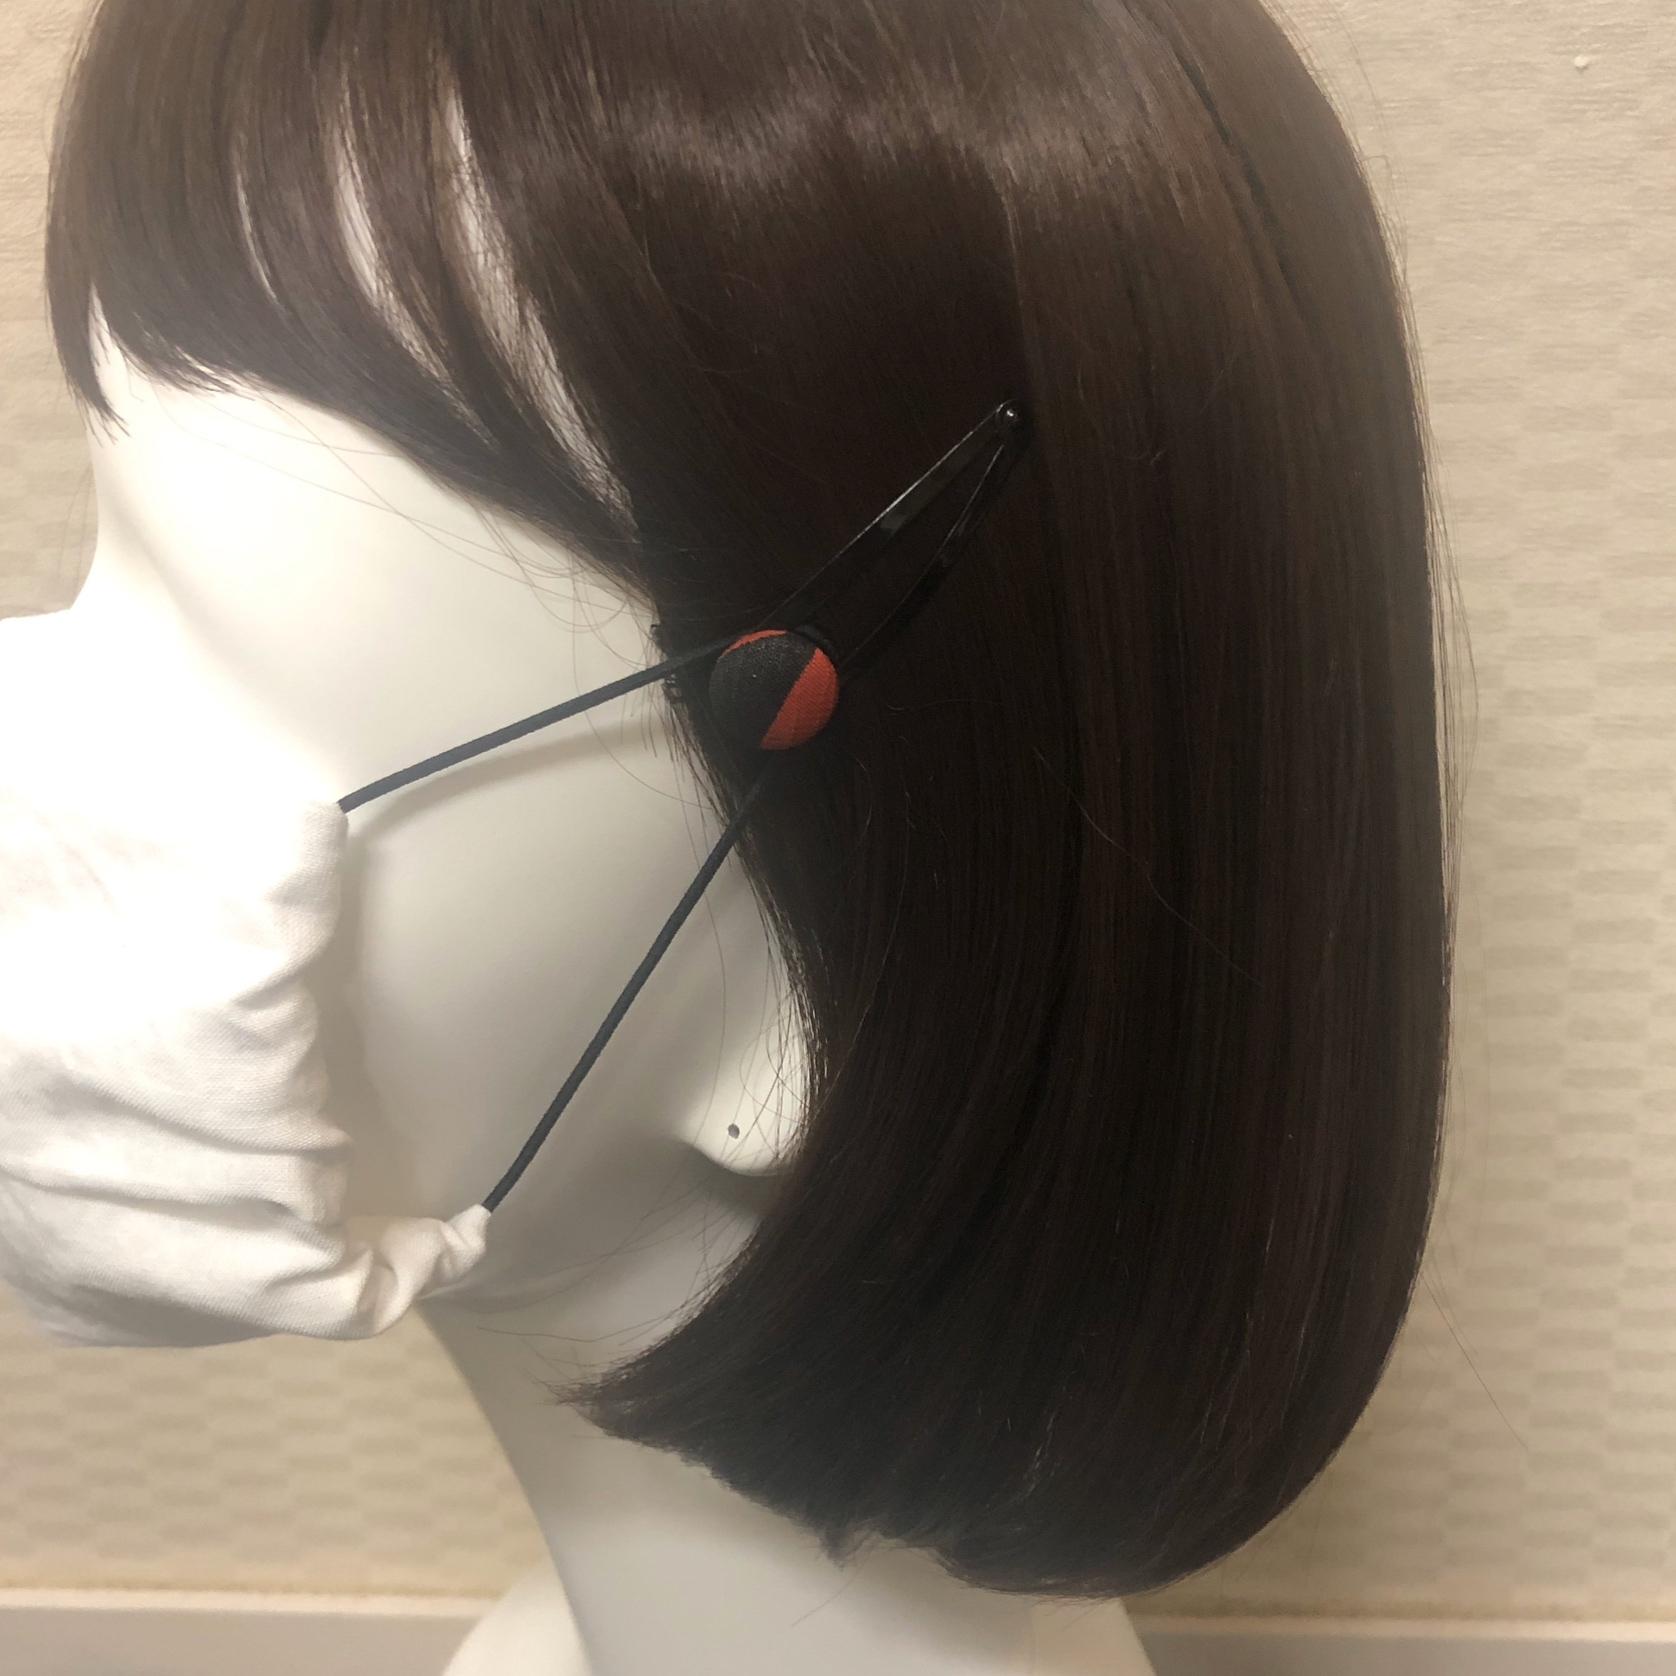 マスク留めパッチンピン/ 2個セット /耳が痛くならない!軽くて使いやすい!アクセサリー